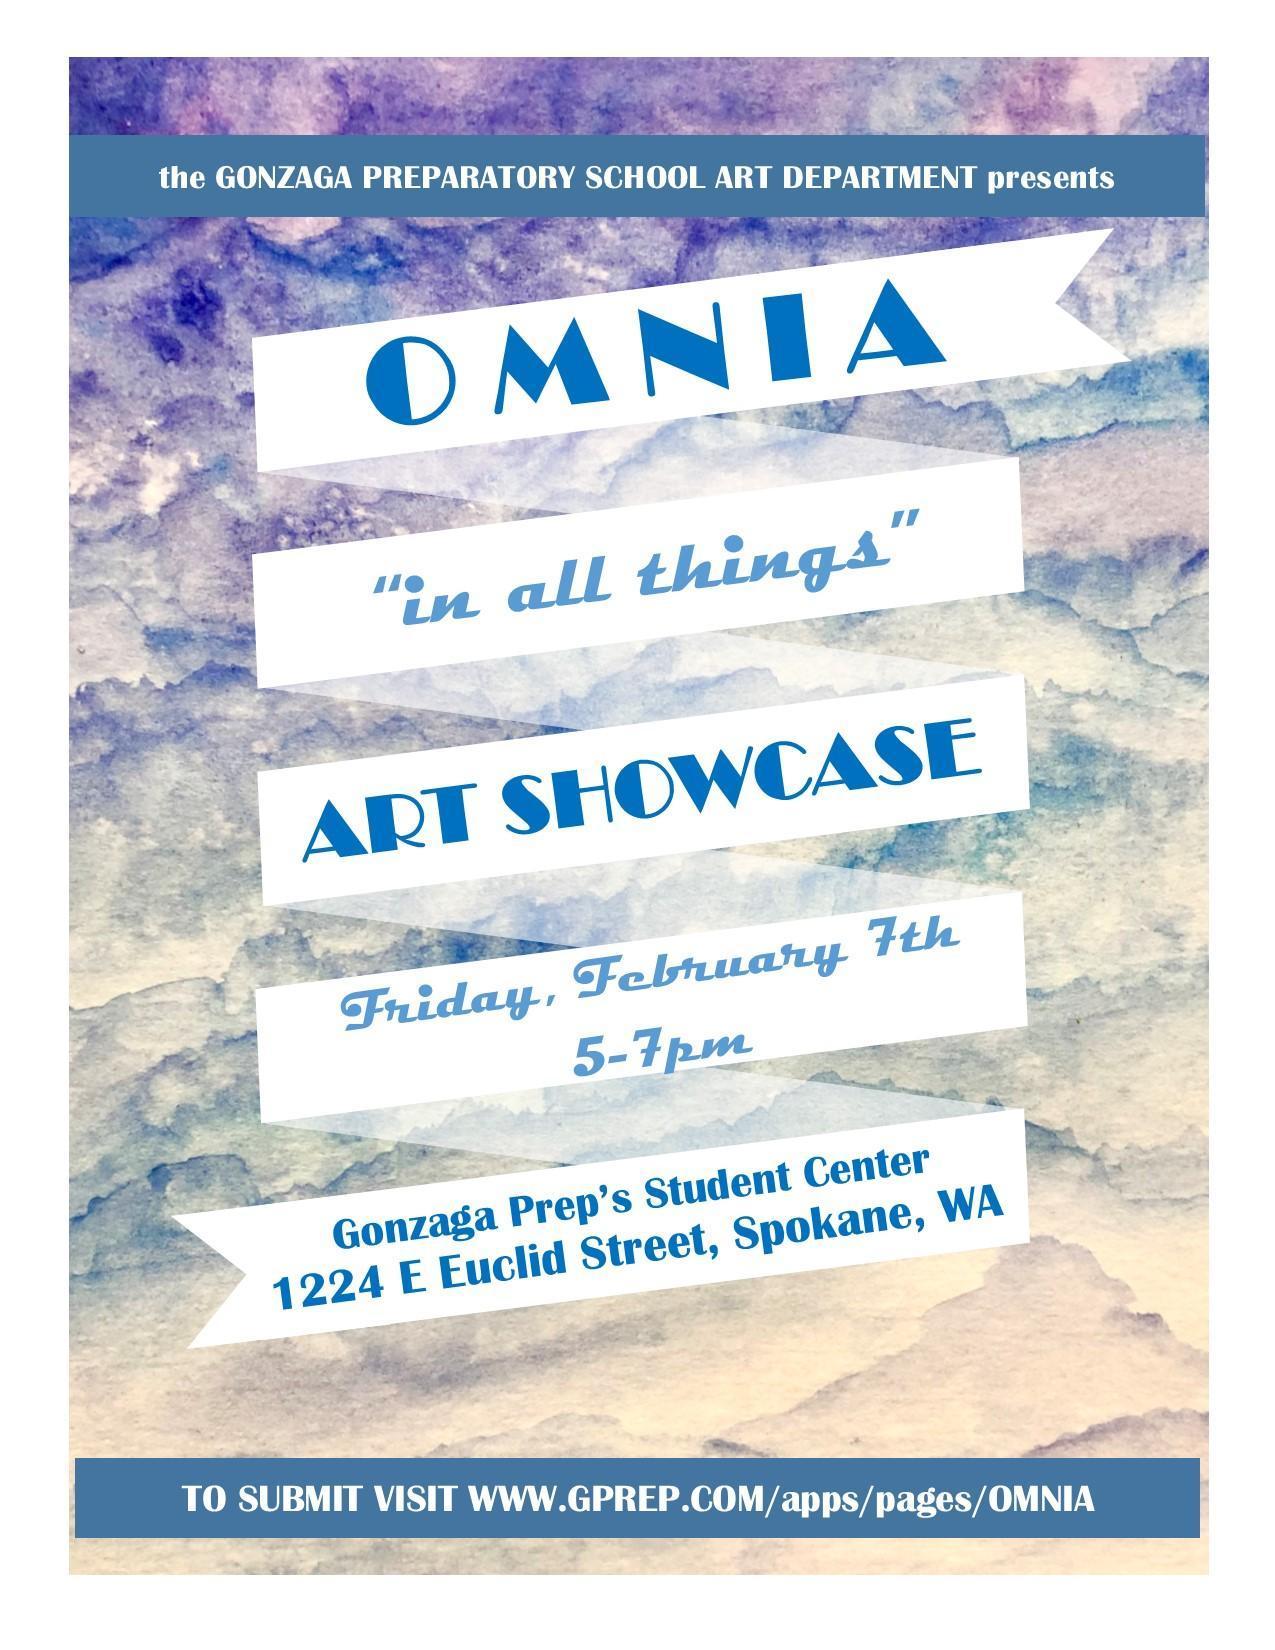 OMNIA Showcase